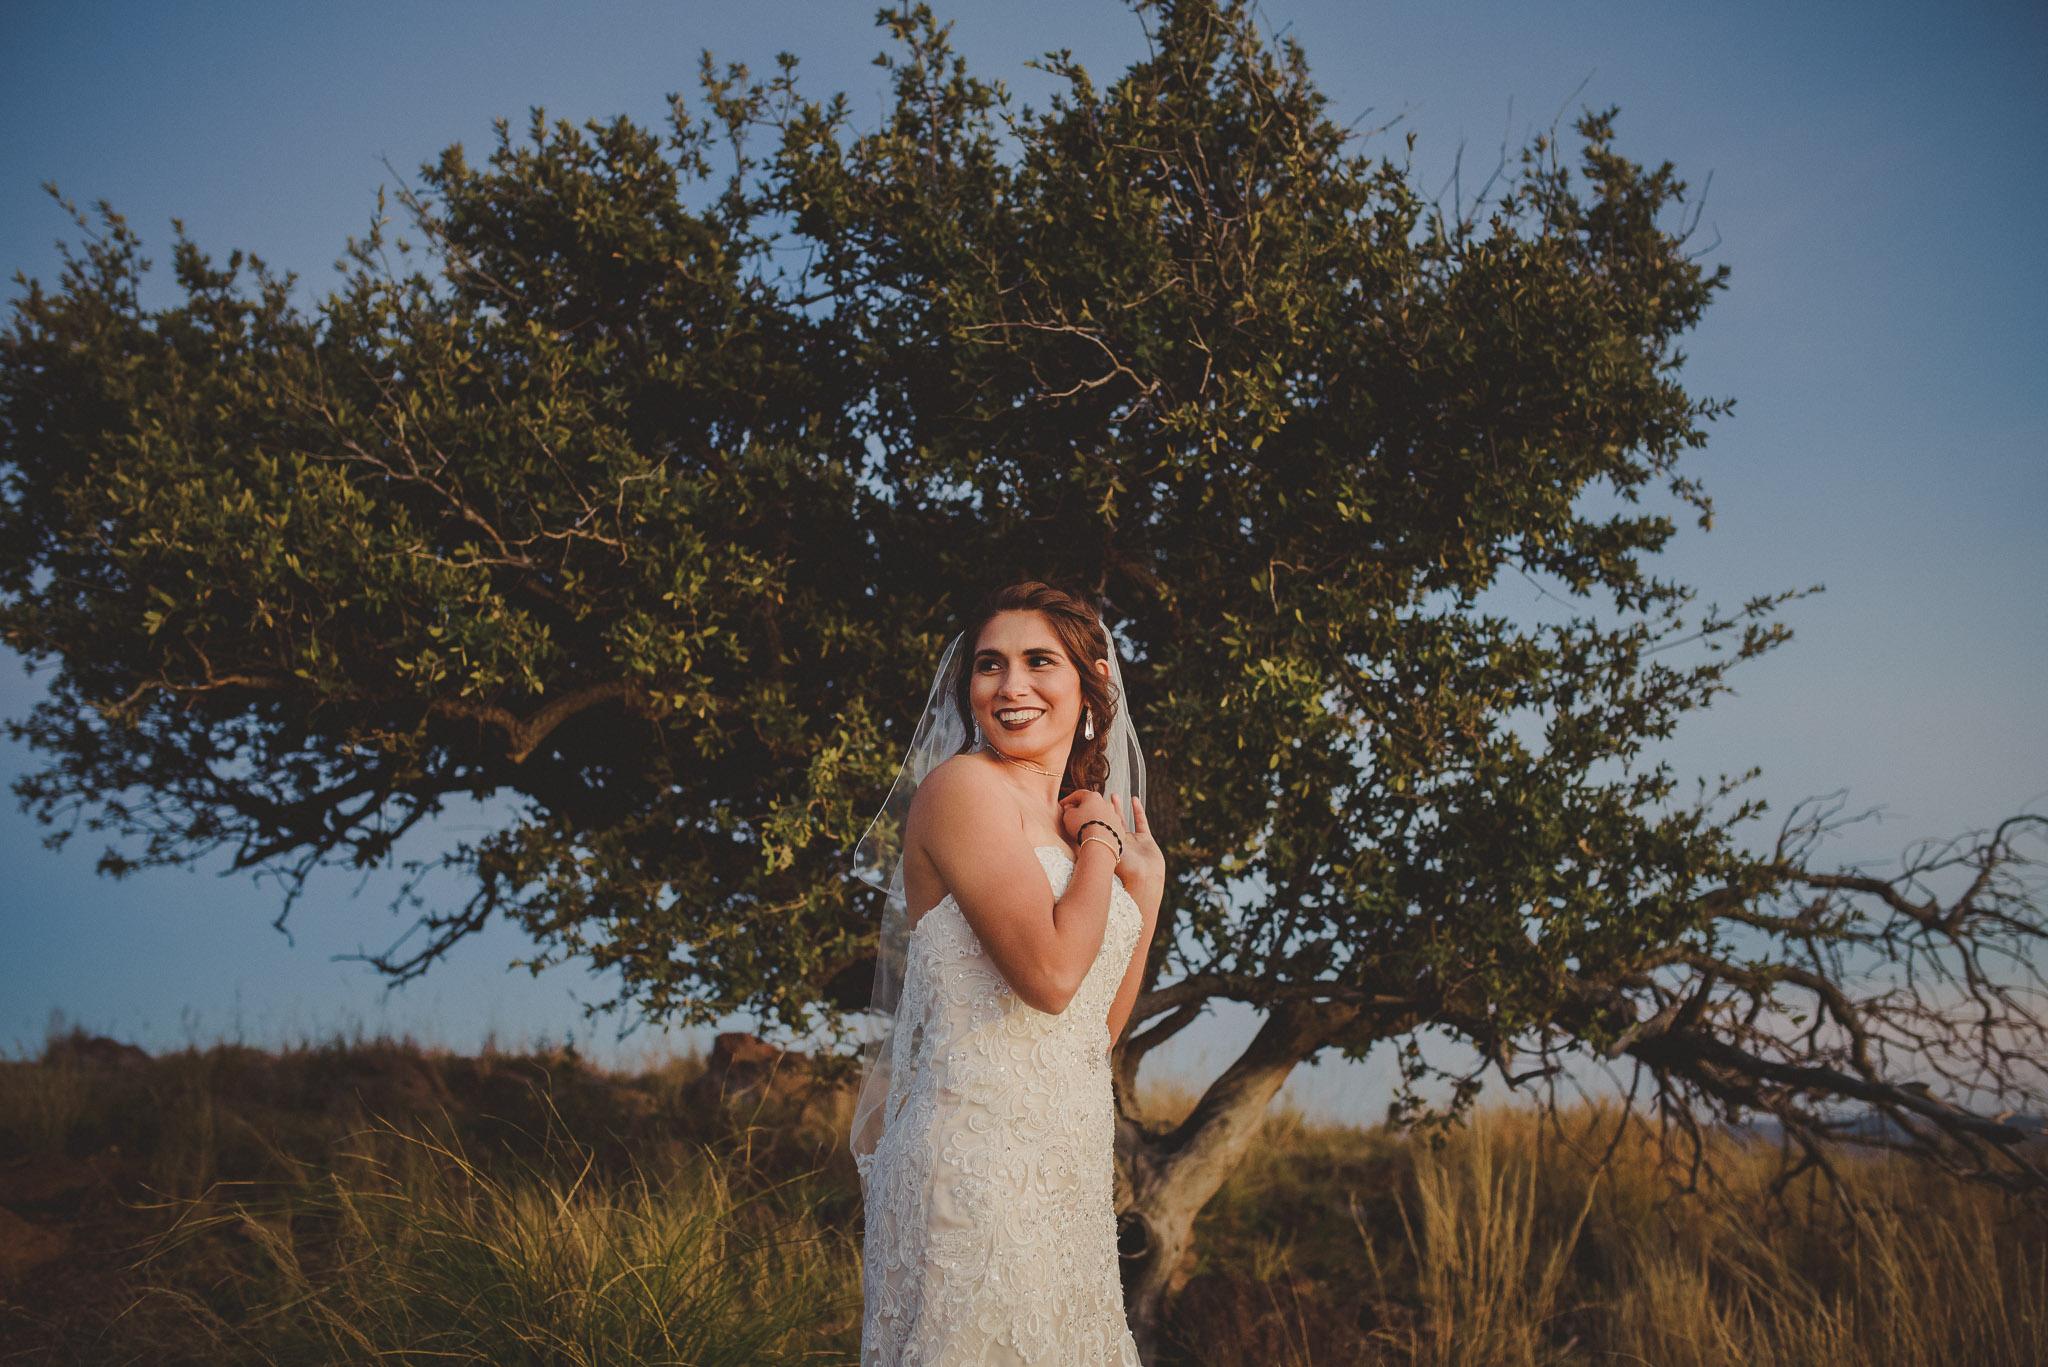 Marfa_Texas_Wedding_Photographer-0041.jpg